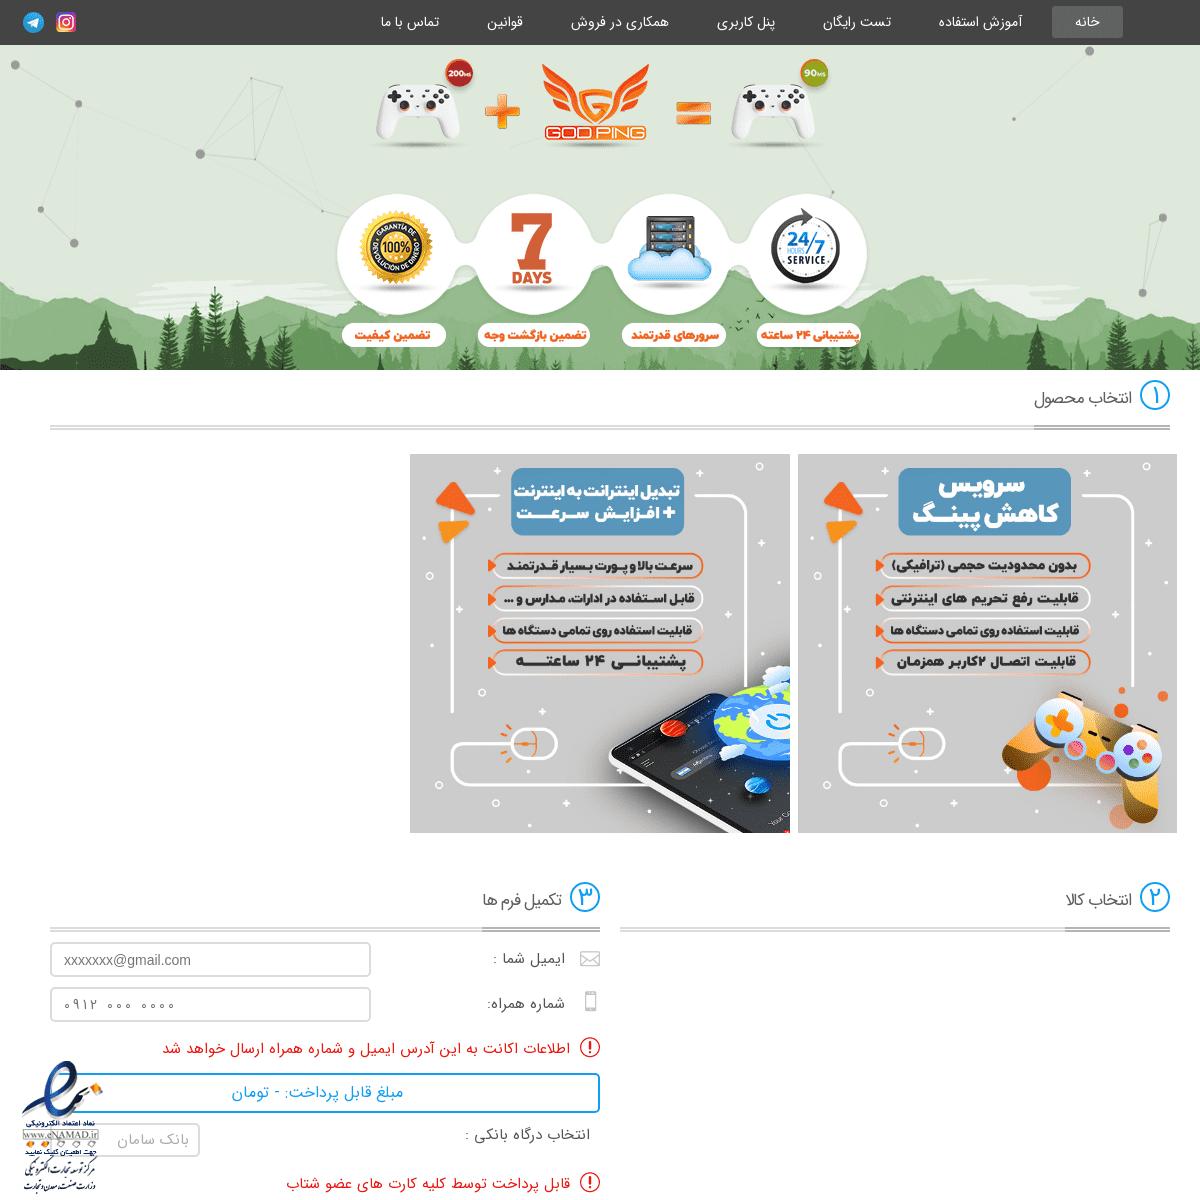 گادپینگ - فروشگاه سرویس کاهش پینگ و بهبود سرعت بازی آنلاین